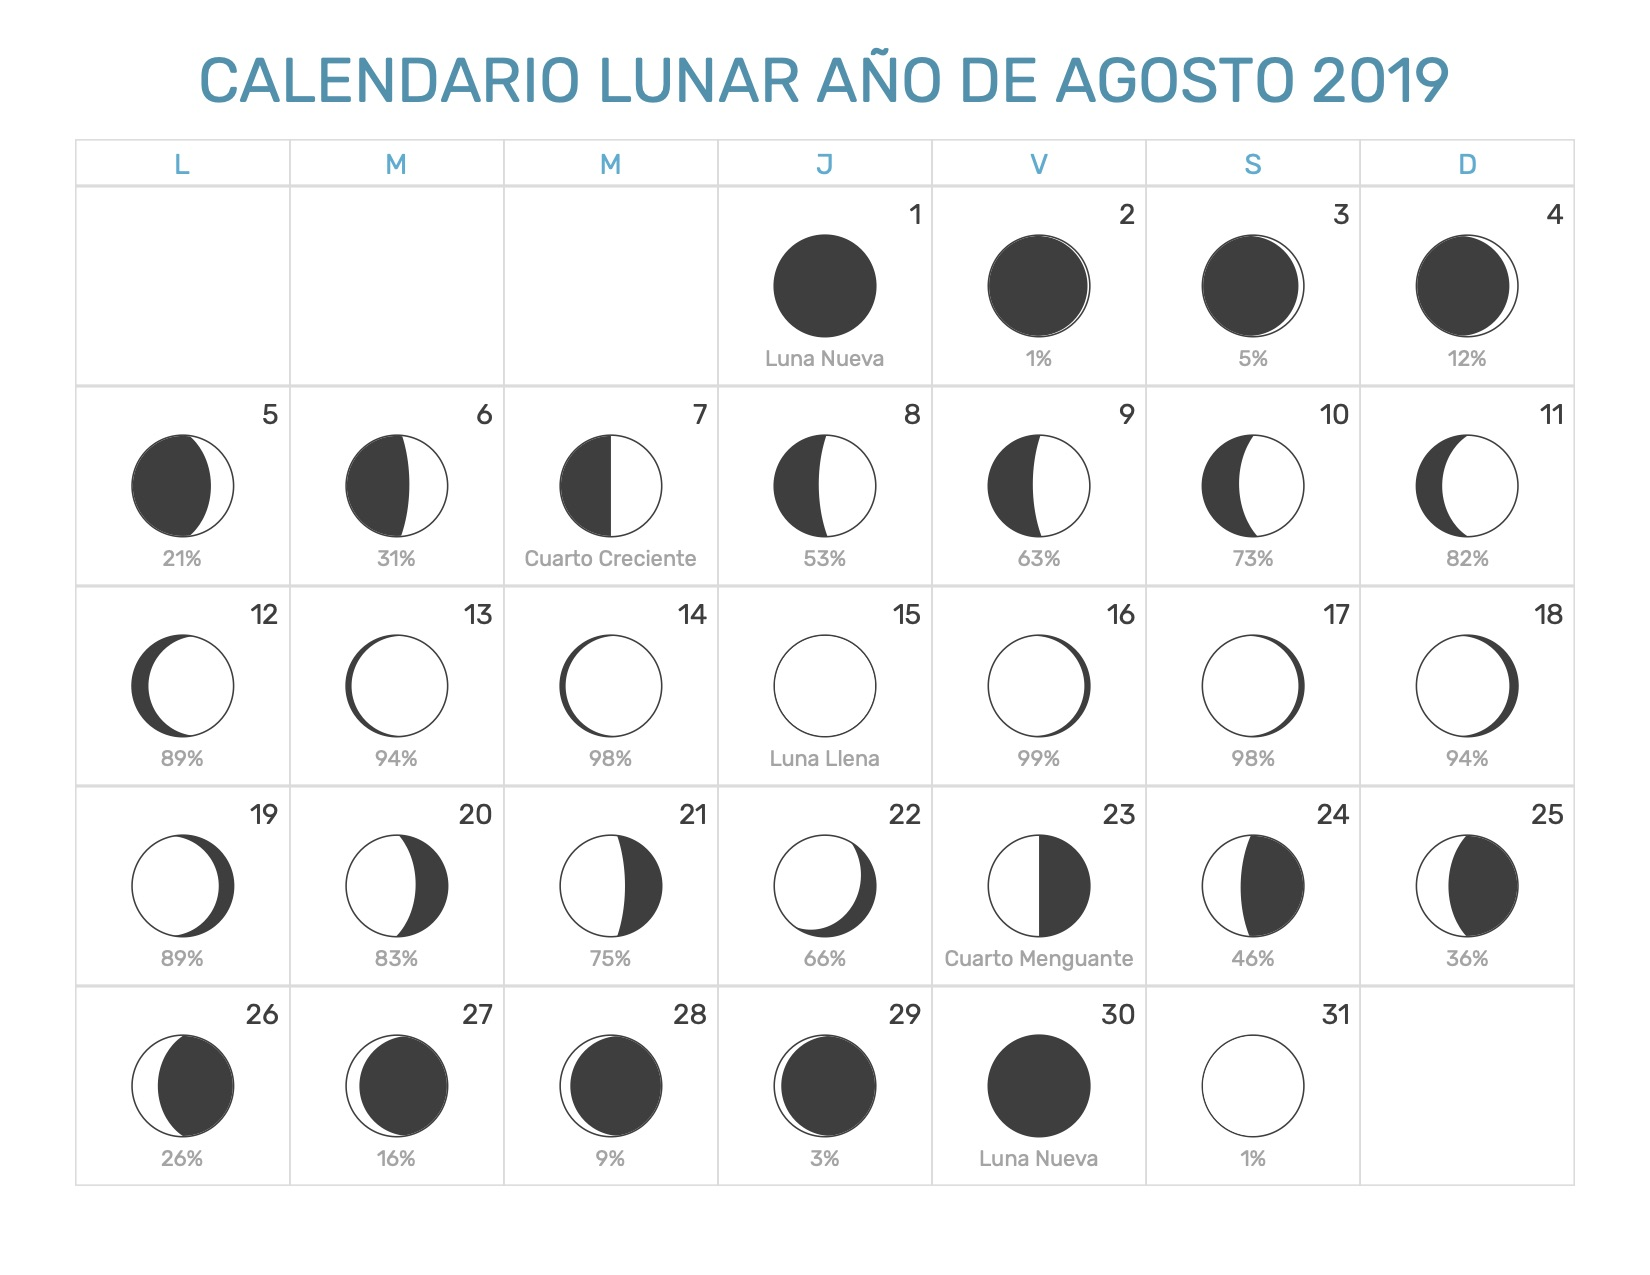 Calendario De Agosto 2019 Chile.Calendario Lunar Agosto Ano 2019 Fases Lunares